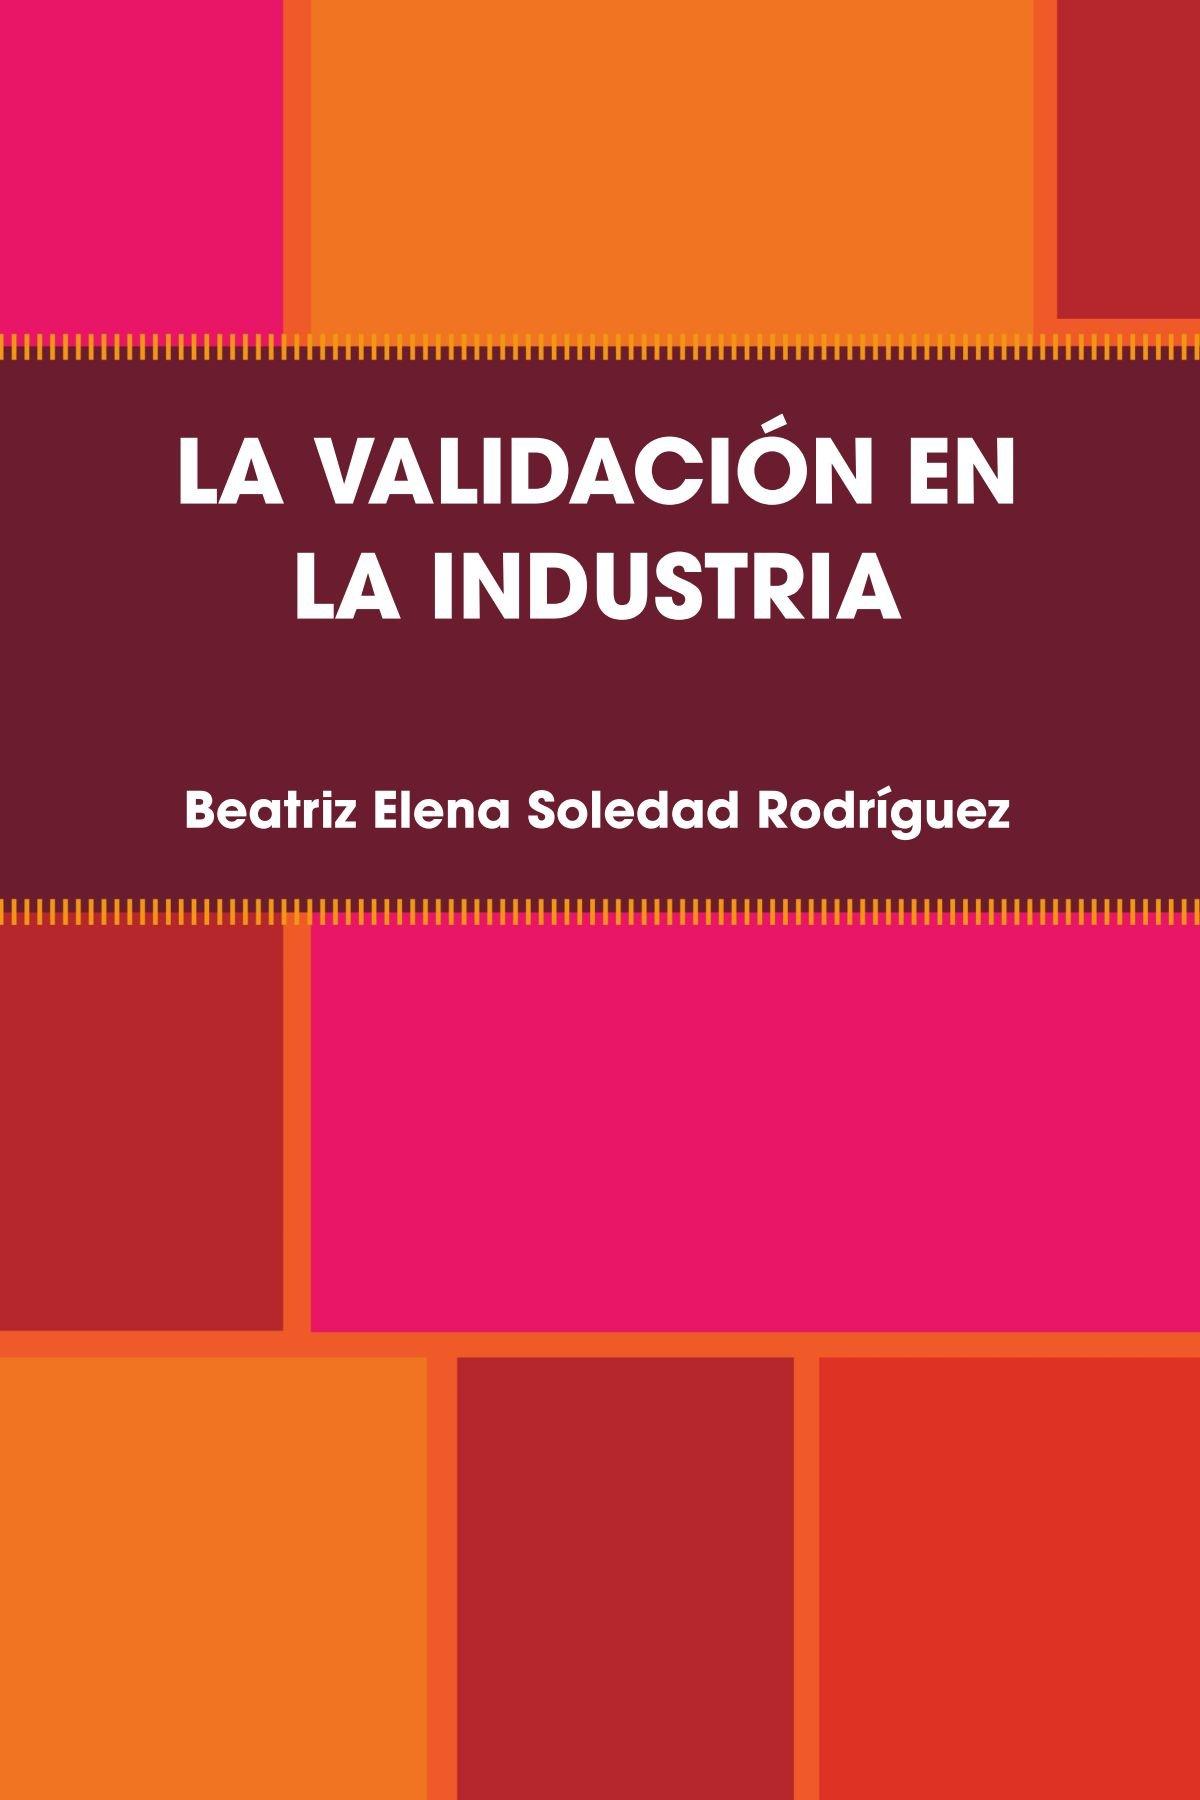 LA VALIDACIÓN EN LA INDUSTRIA (Spanish Edition) pdf